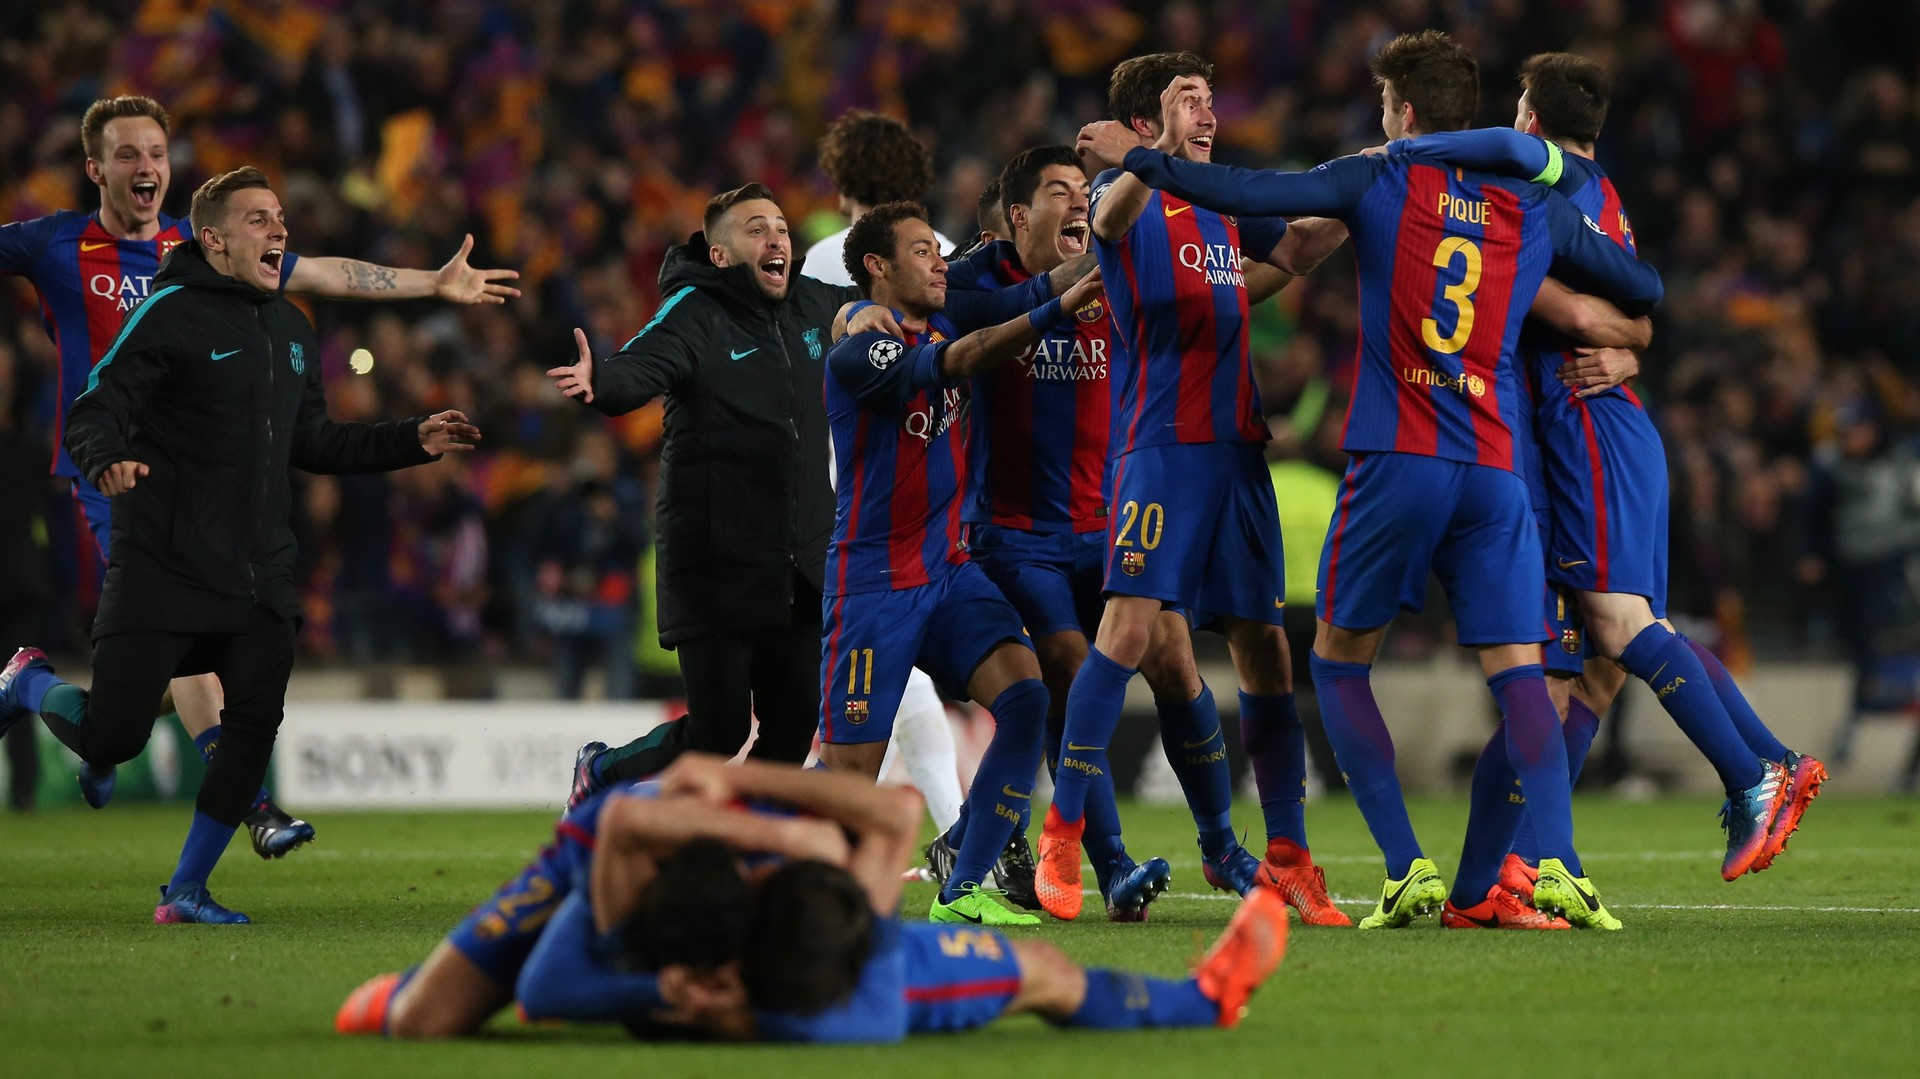 Так не бывает, это фантастика: «Барселона» отыгралась с 0:4 и прошла ПСЖ в 1/8 финала ЛЧ